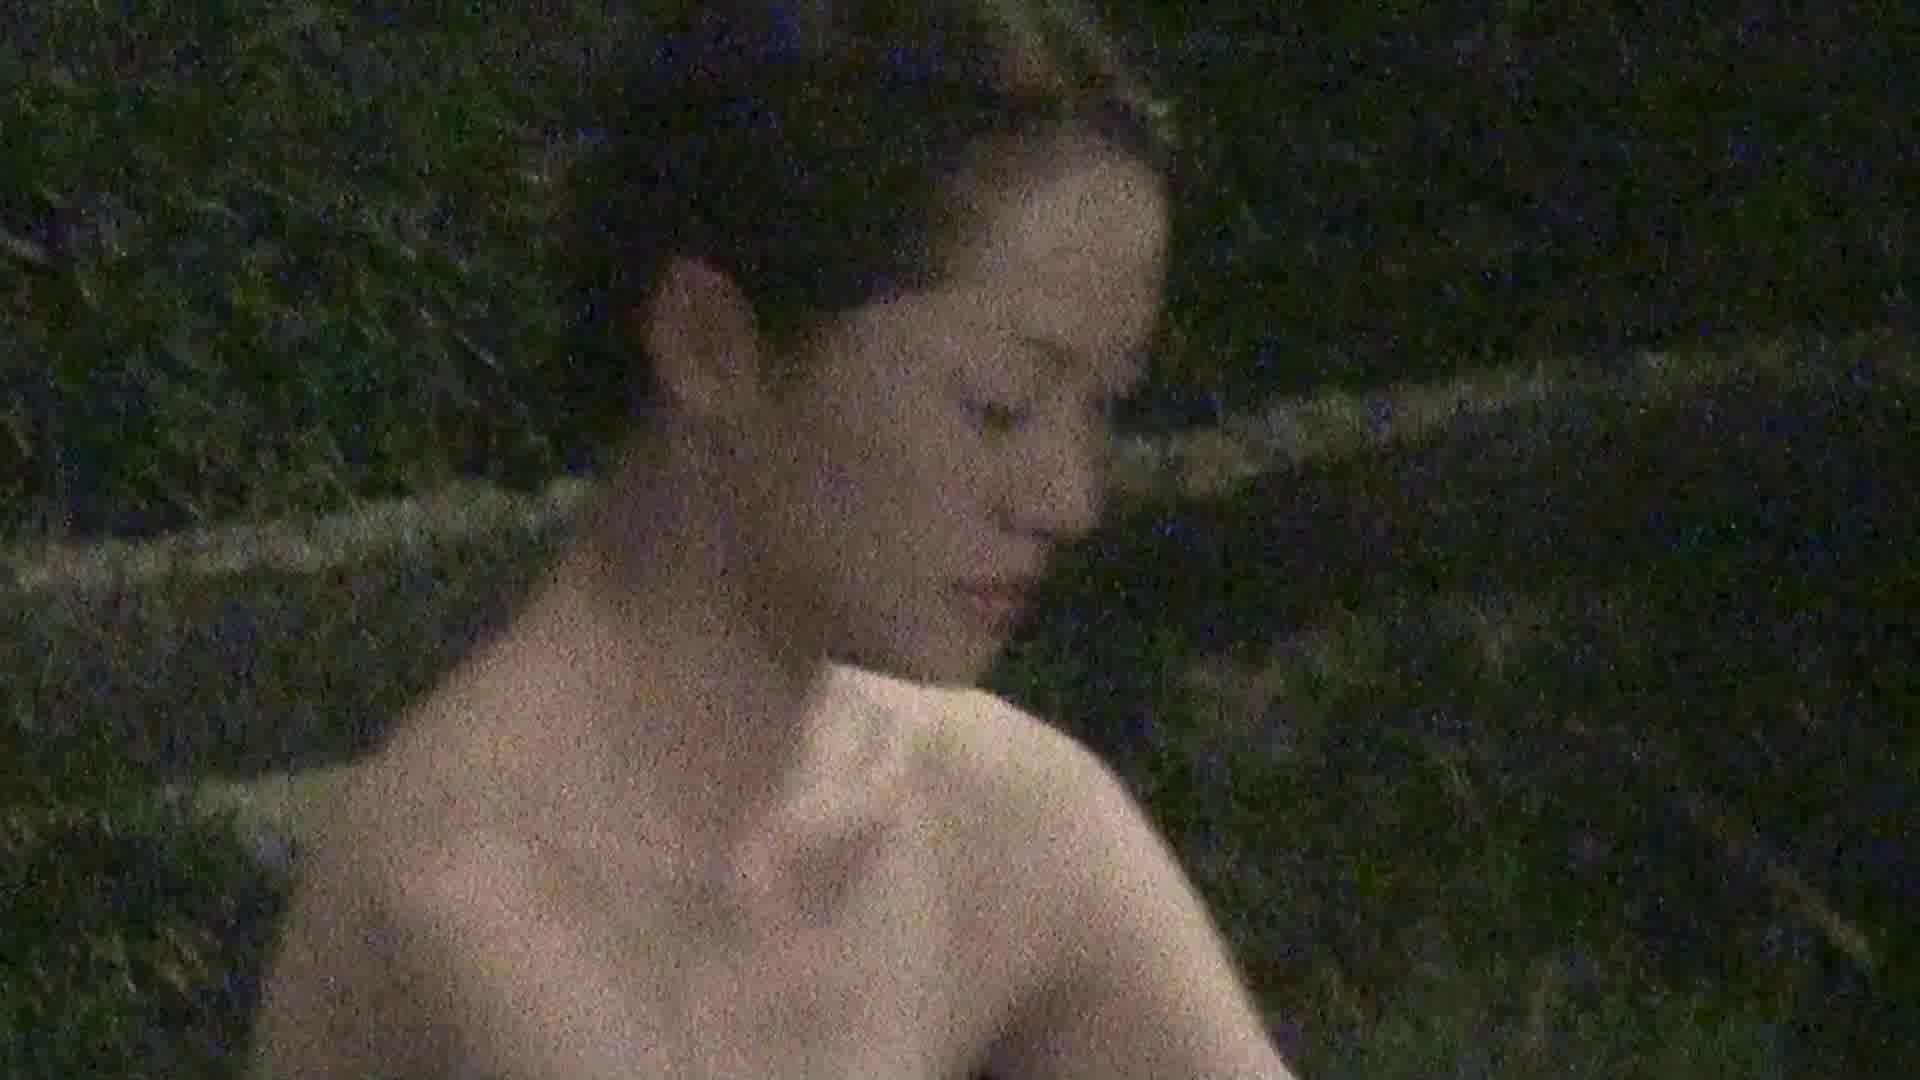 Aquaな露天風呂Vol.318 露天風呂突入 隠し撮りオマンコ動画紹介 105pic 56